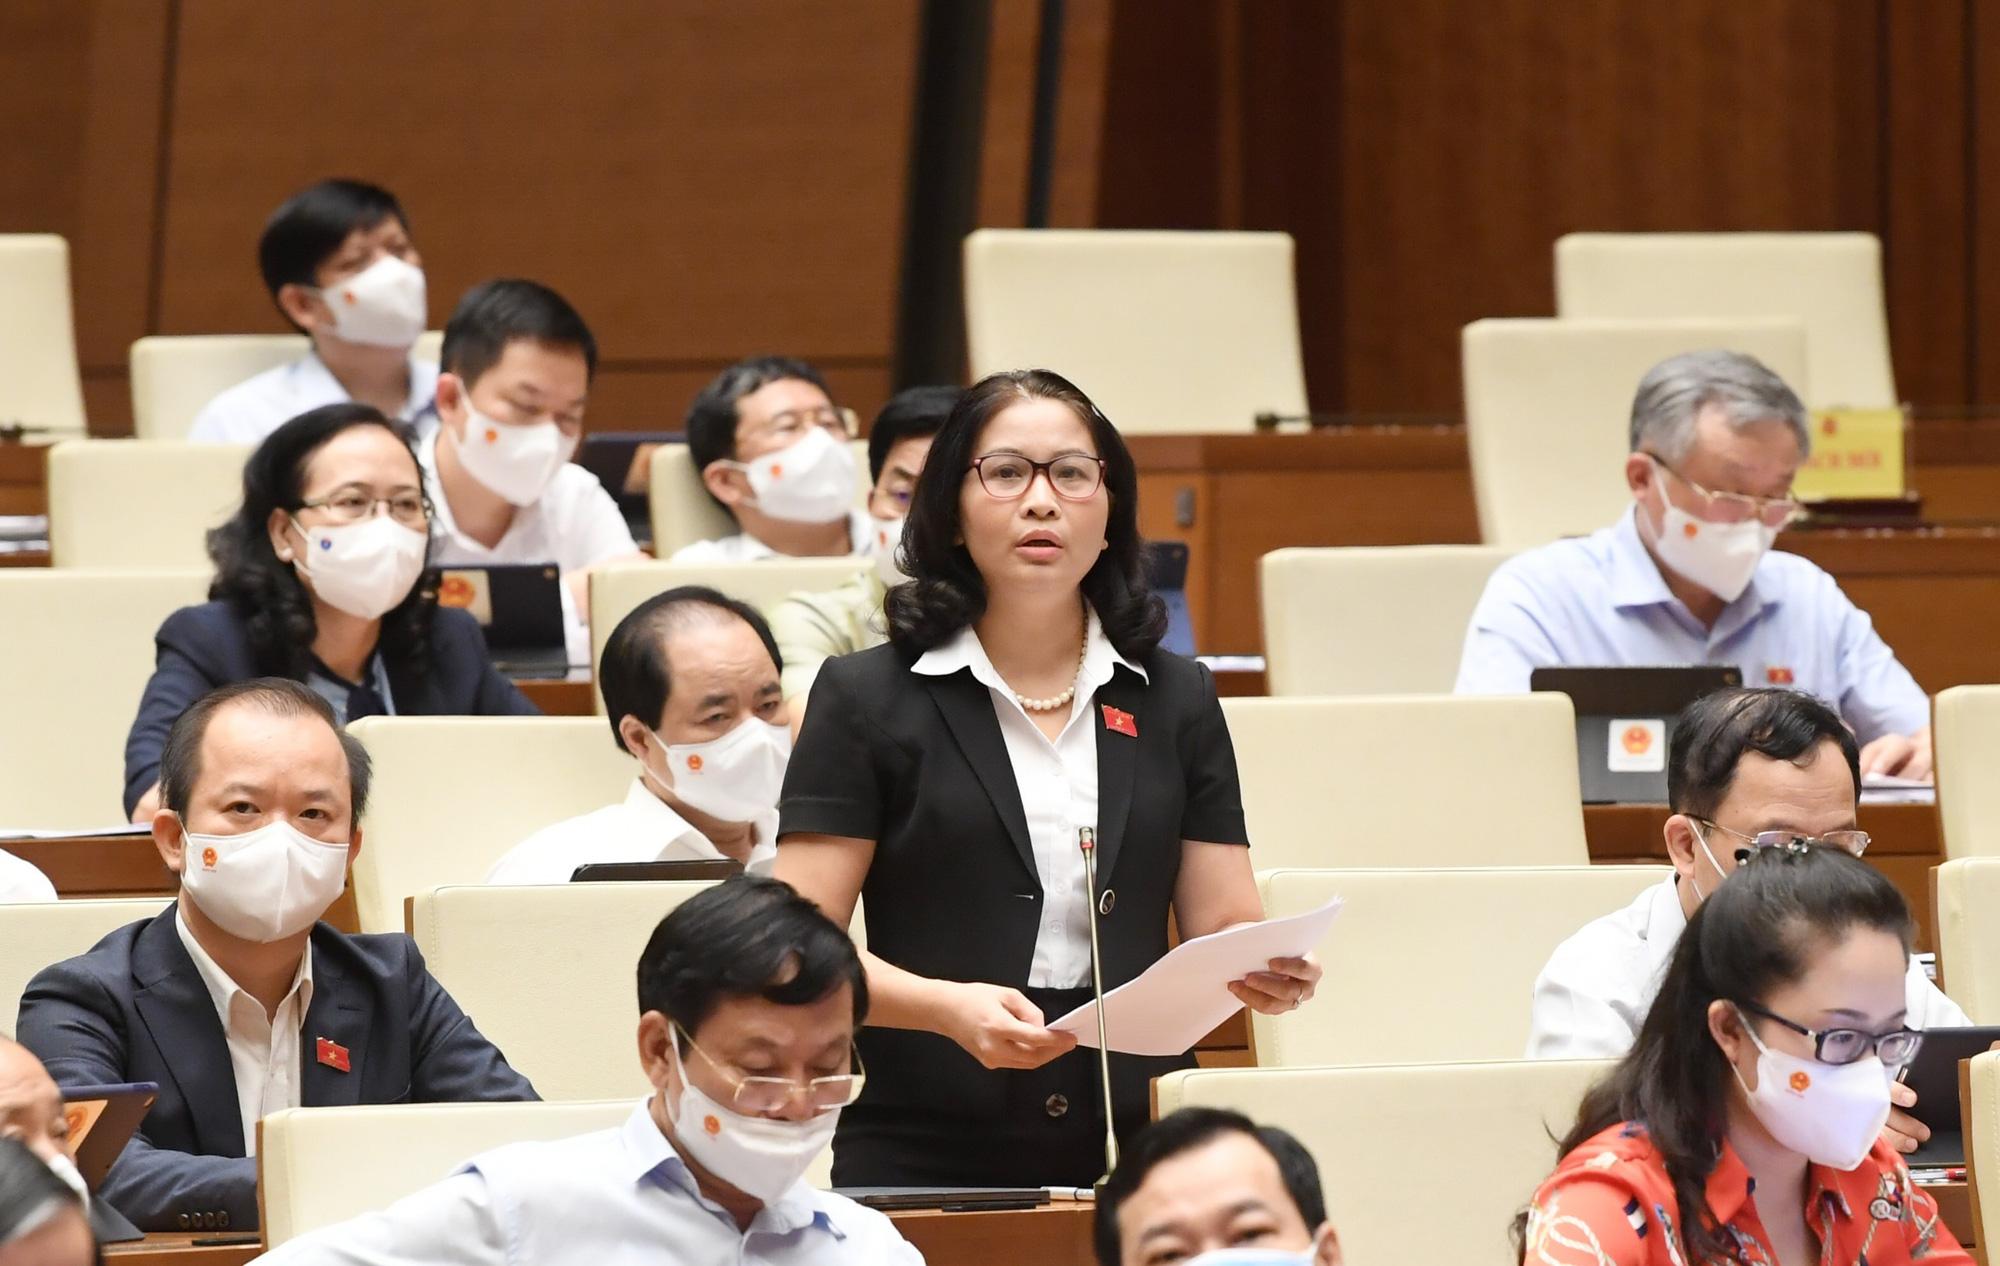 Giám đốc Học viện Nông nghiệp Việt Nam đề xuất mô hình nông thôn mới kiểu mẫu cho ngoại thành Hà Nội - Ảnh 1.